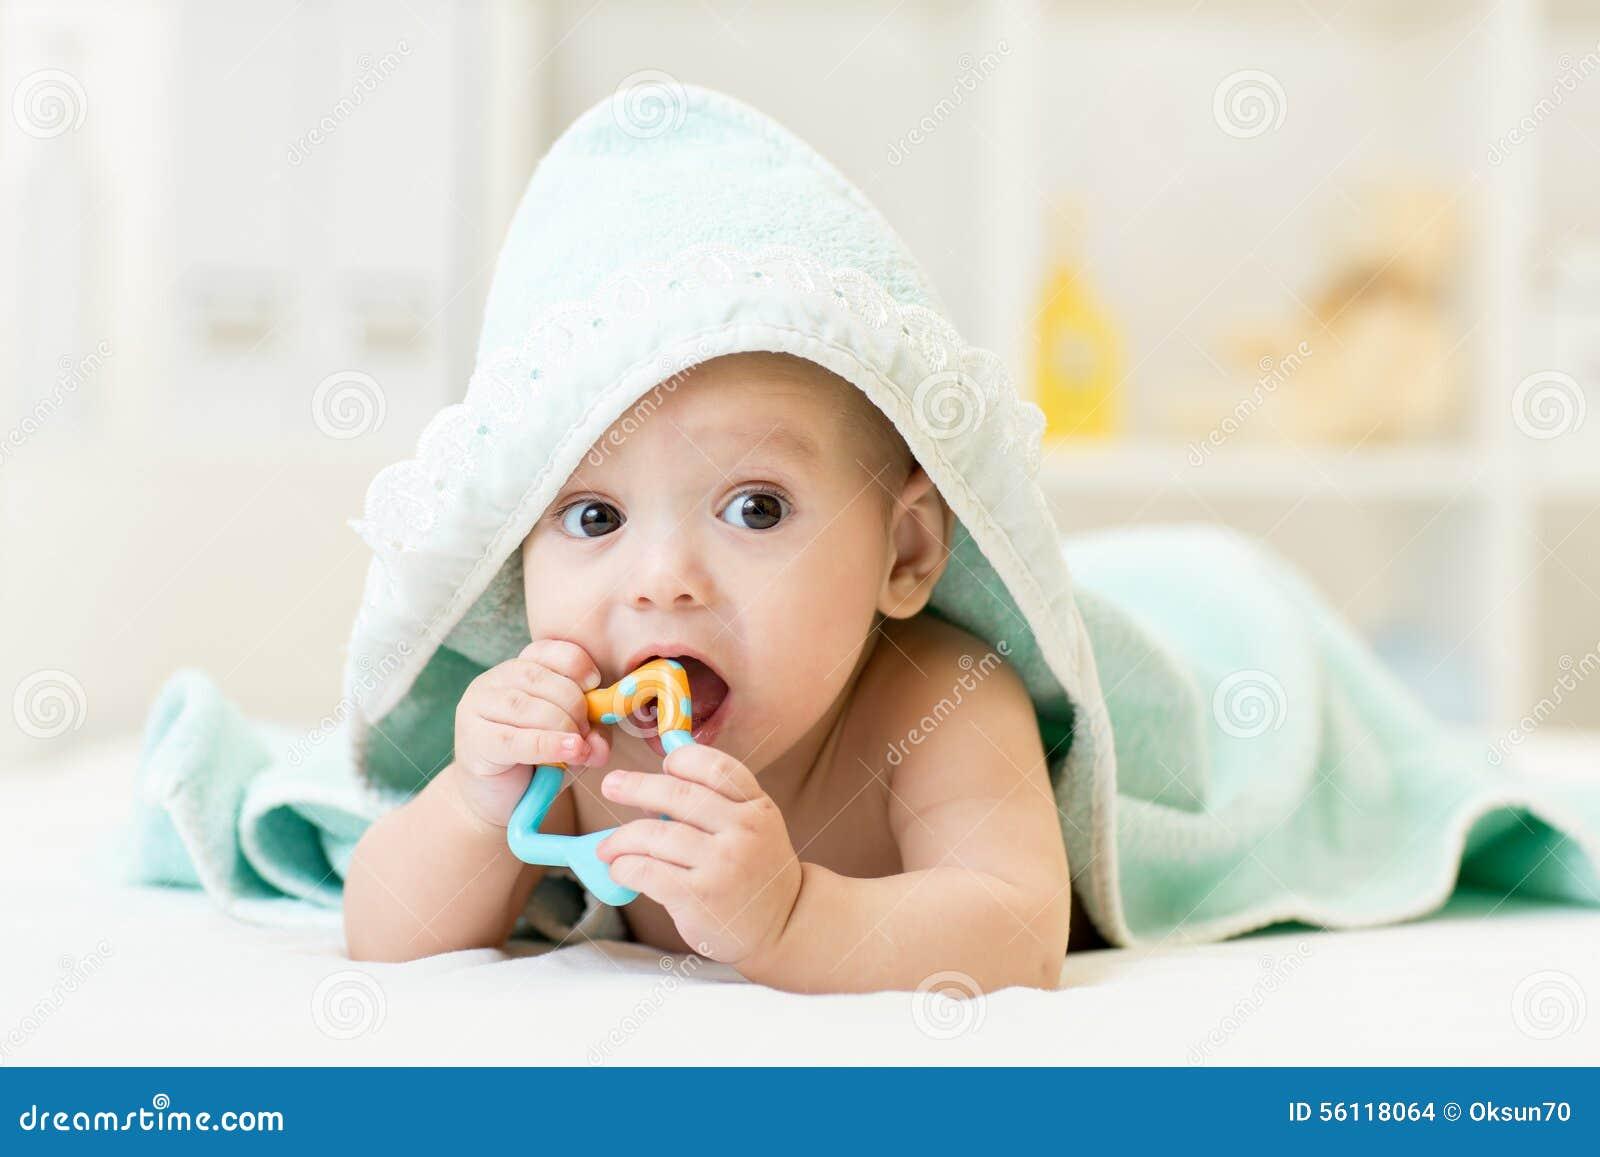 Младенец с teether в рте под купать полотенце на питомнике